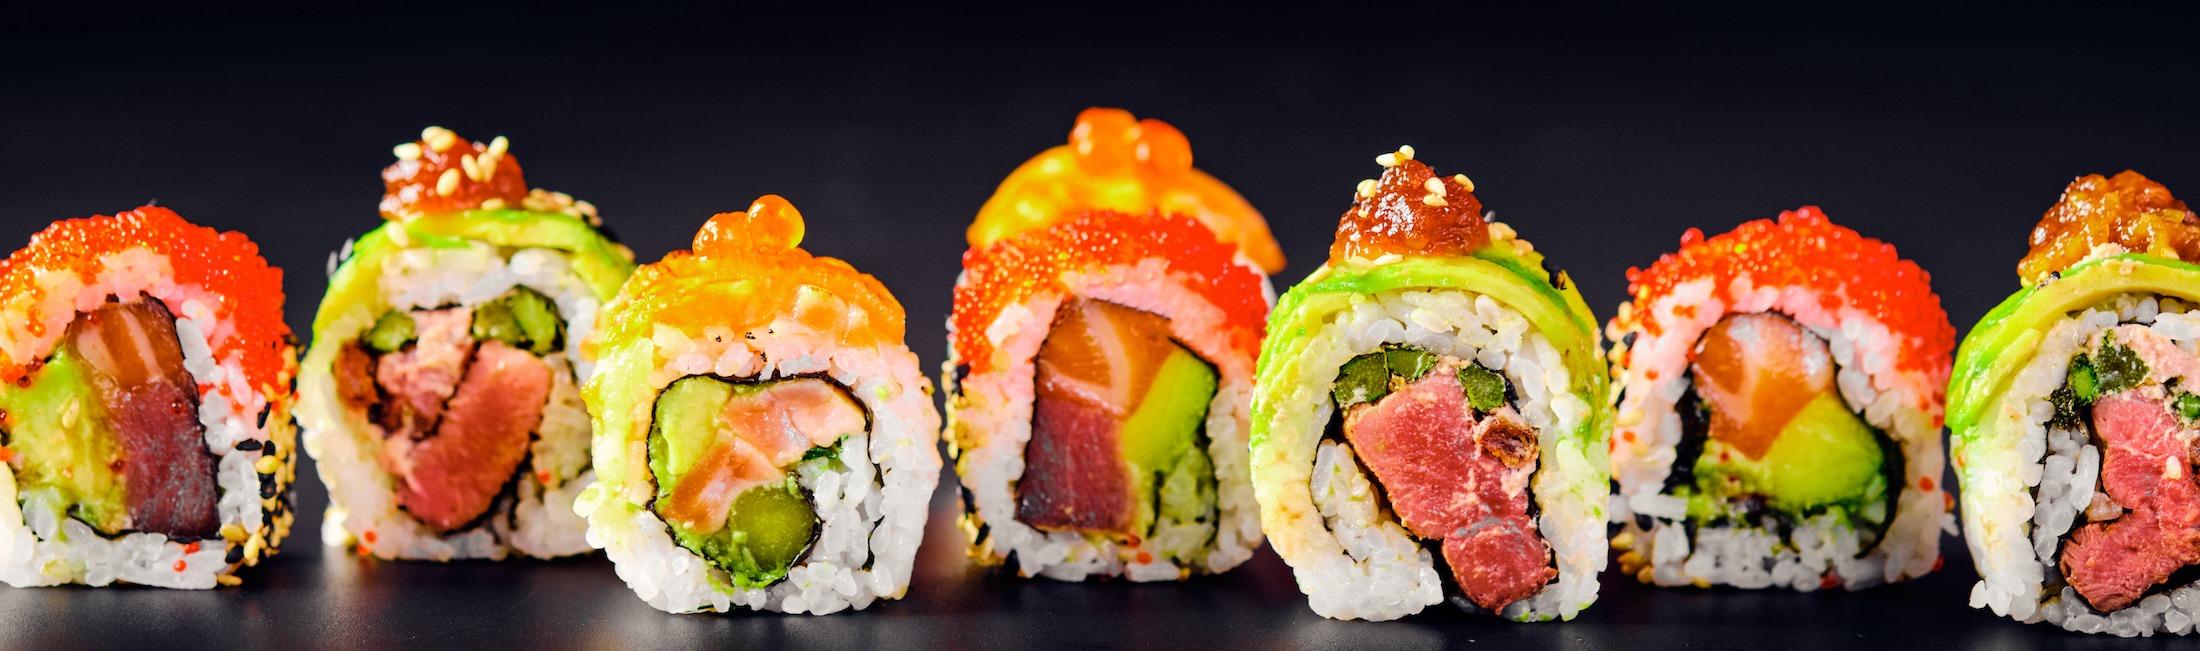 Best Sushi Spots in Missoula